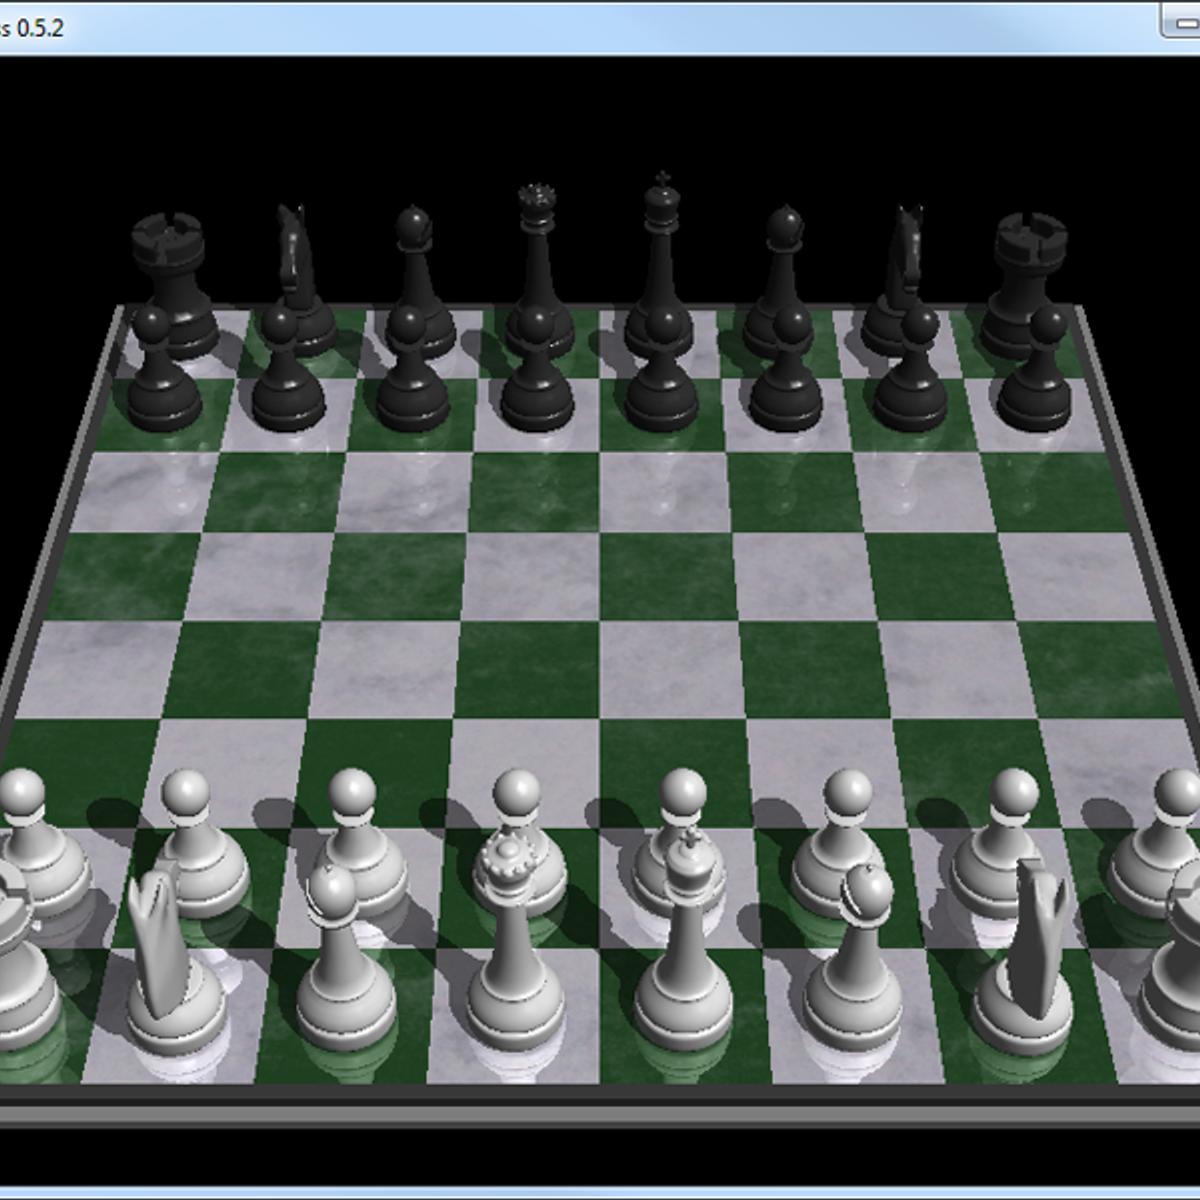 Brutal Chess Alternatives and Similar Games - AlternativeTo net